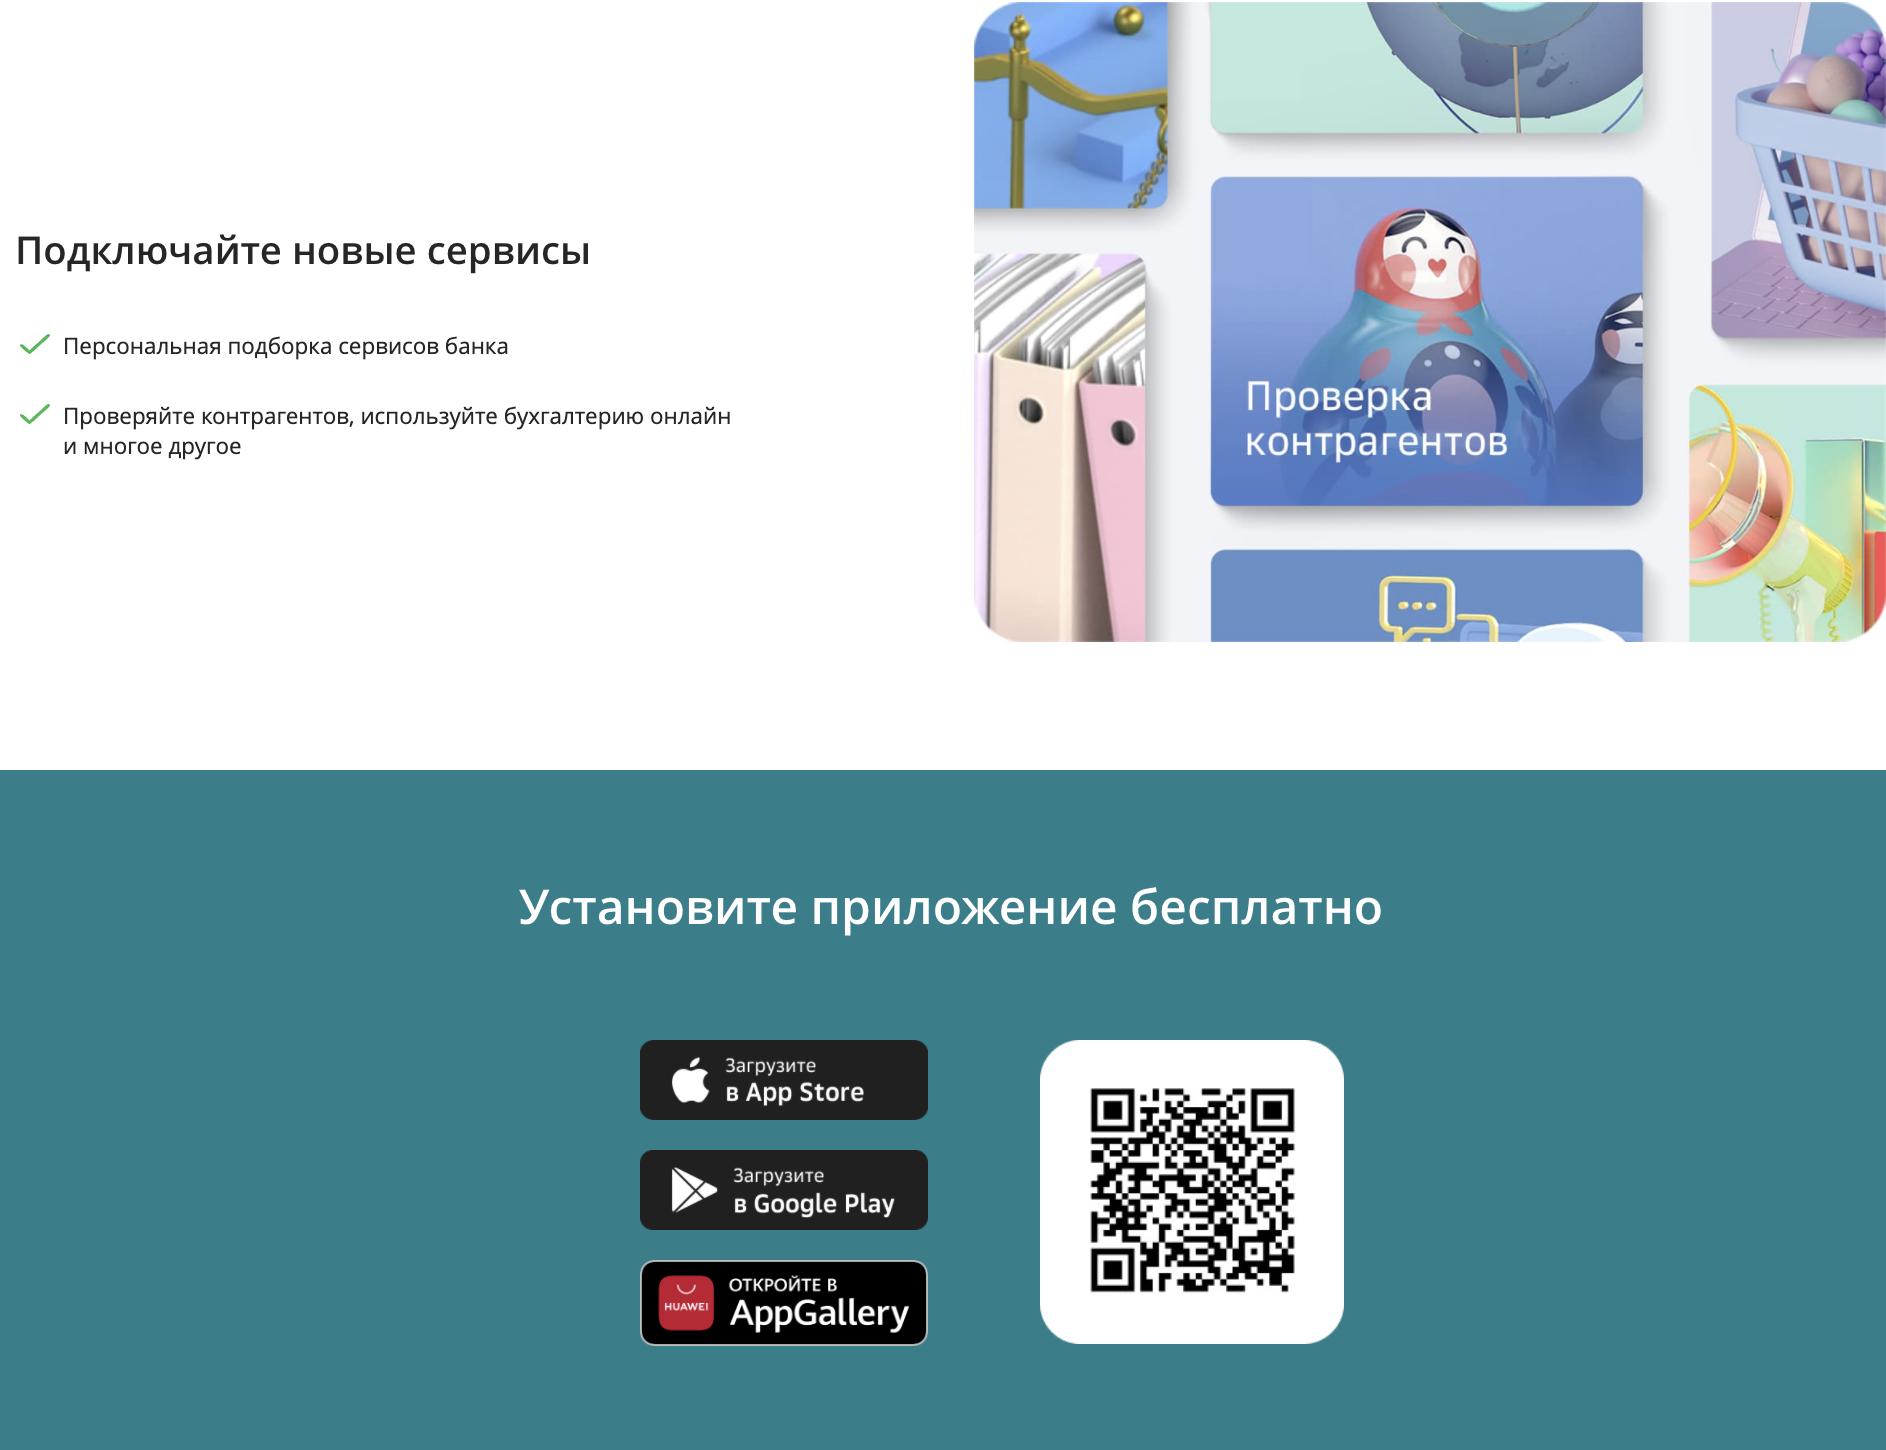 как установить , скачать приложение бизнес онлайн сбербанк на телефон